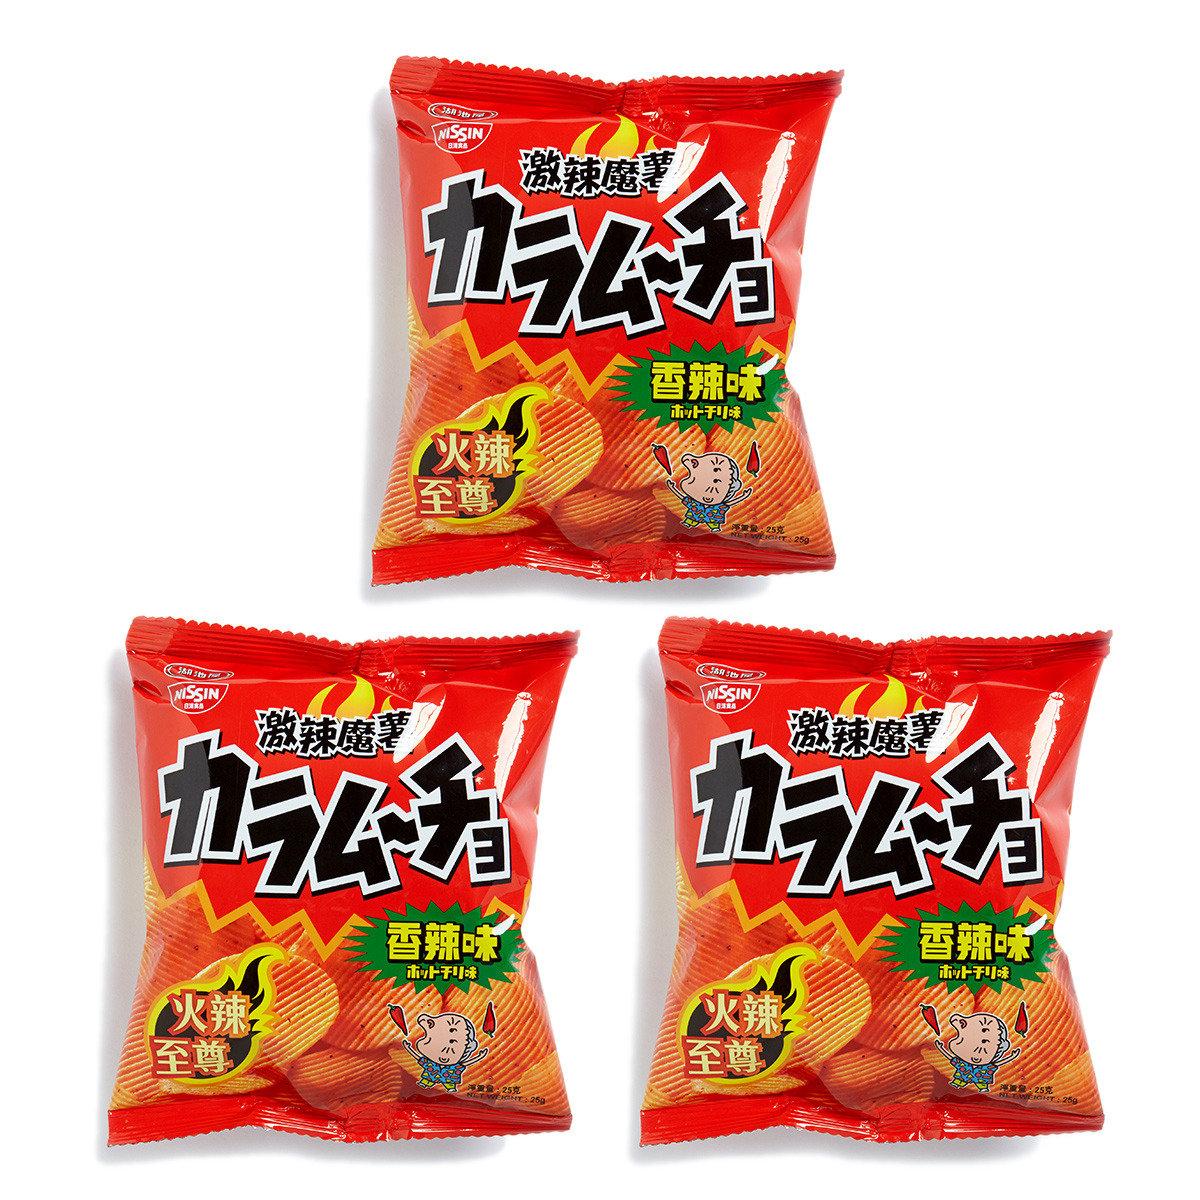 湖池屋激辣魔薯香辣味薯片 (小)